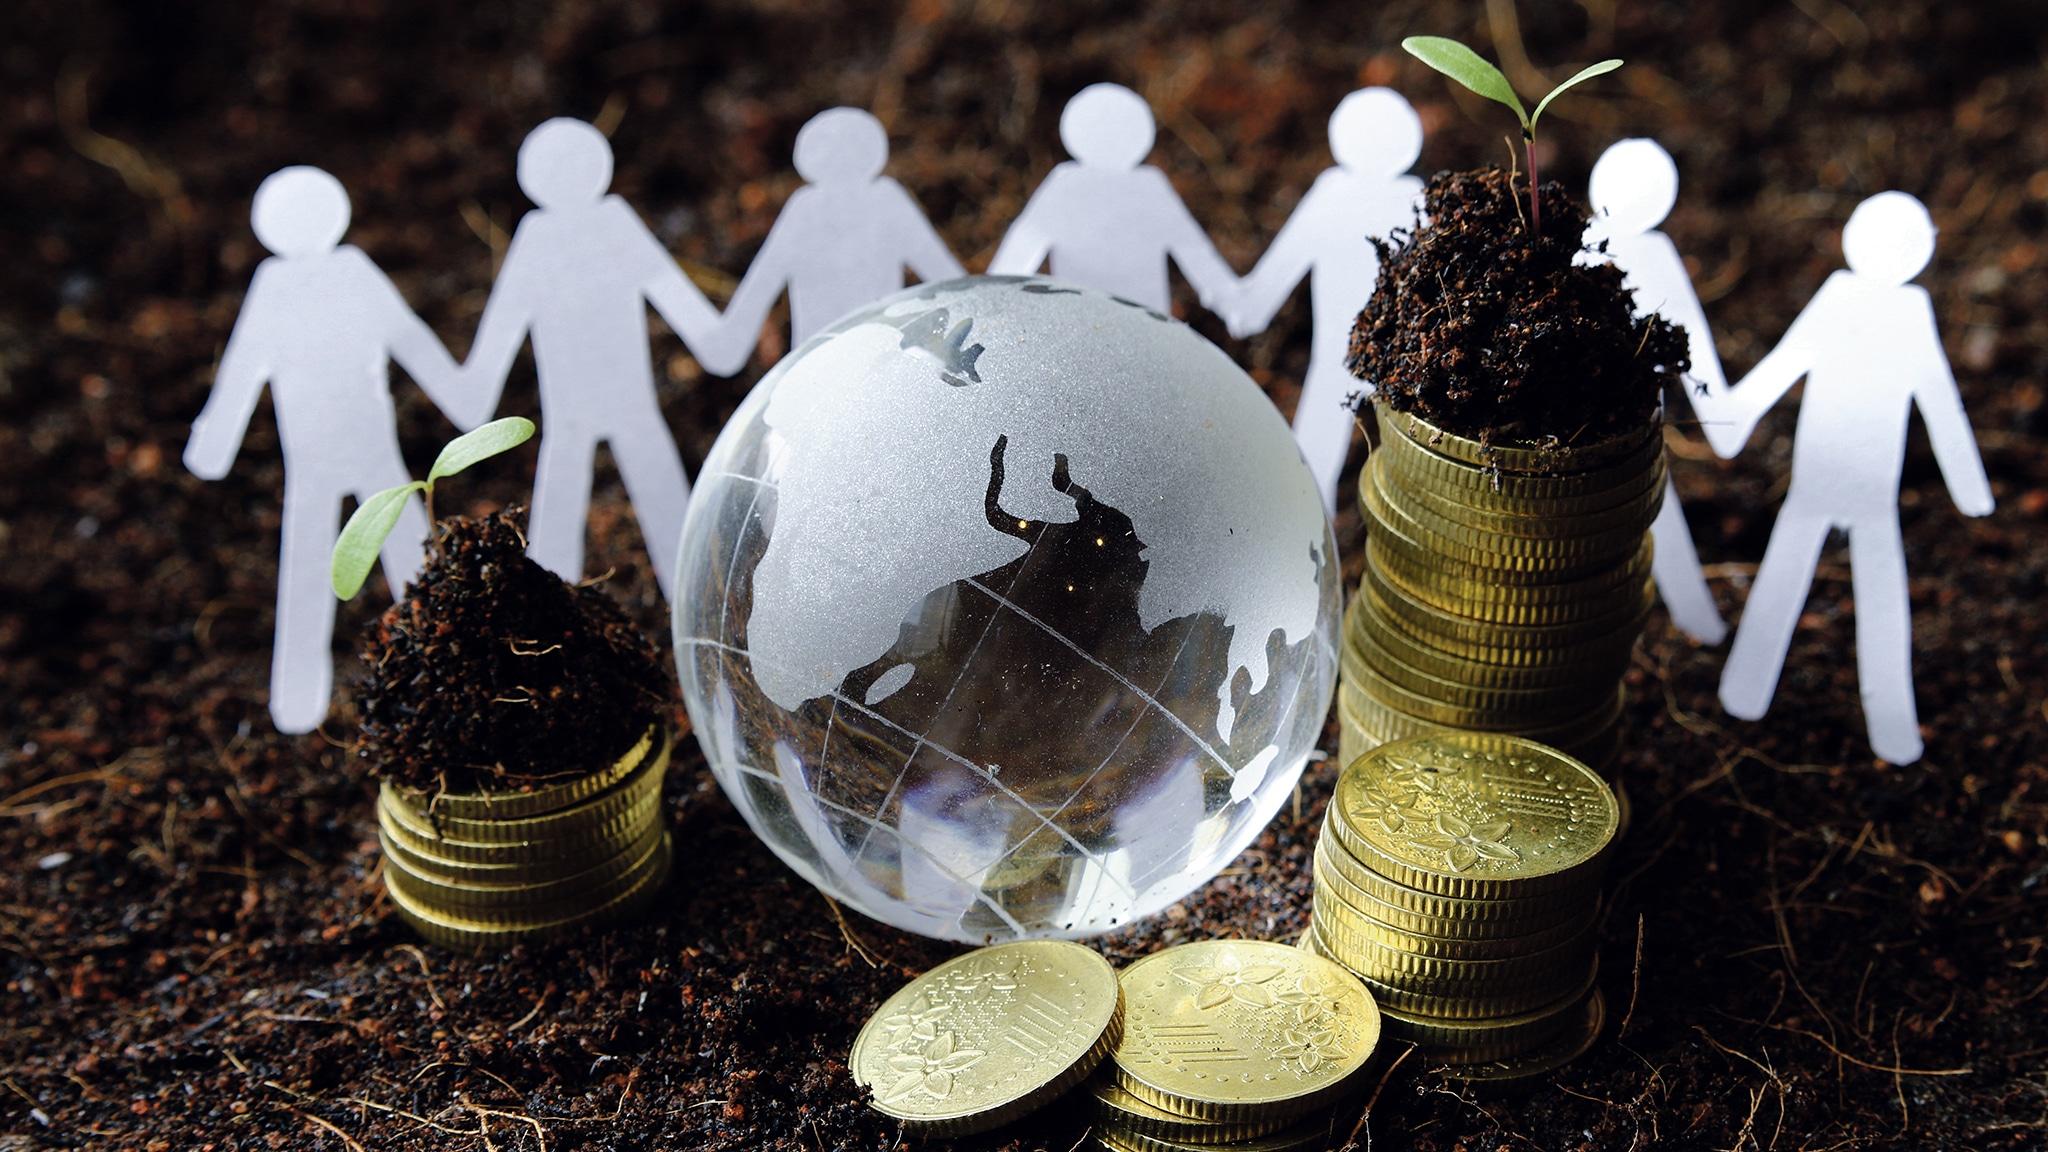 Papieren mannetjes rond munten en een glazen wereldbol op aarde